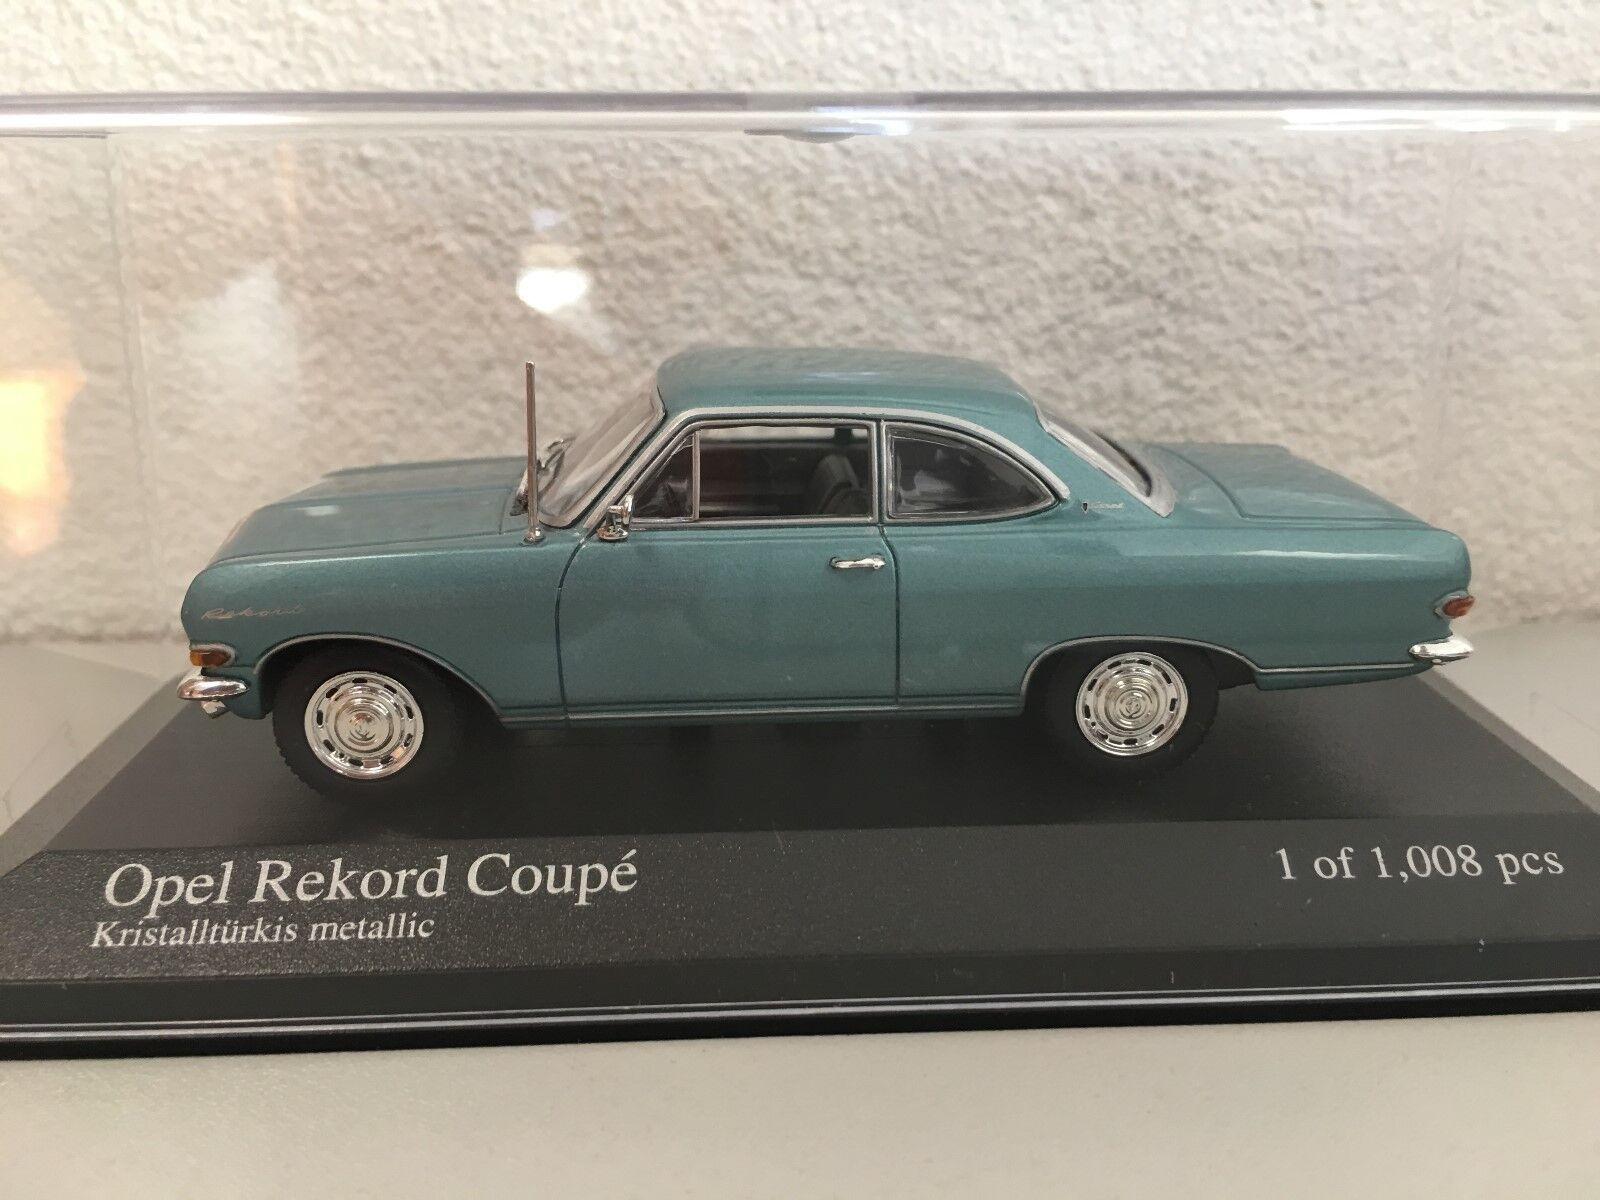 Opel rekord 400041024 minichamps einen putsch é 1 43, türkis cristal.